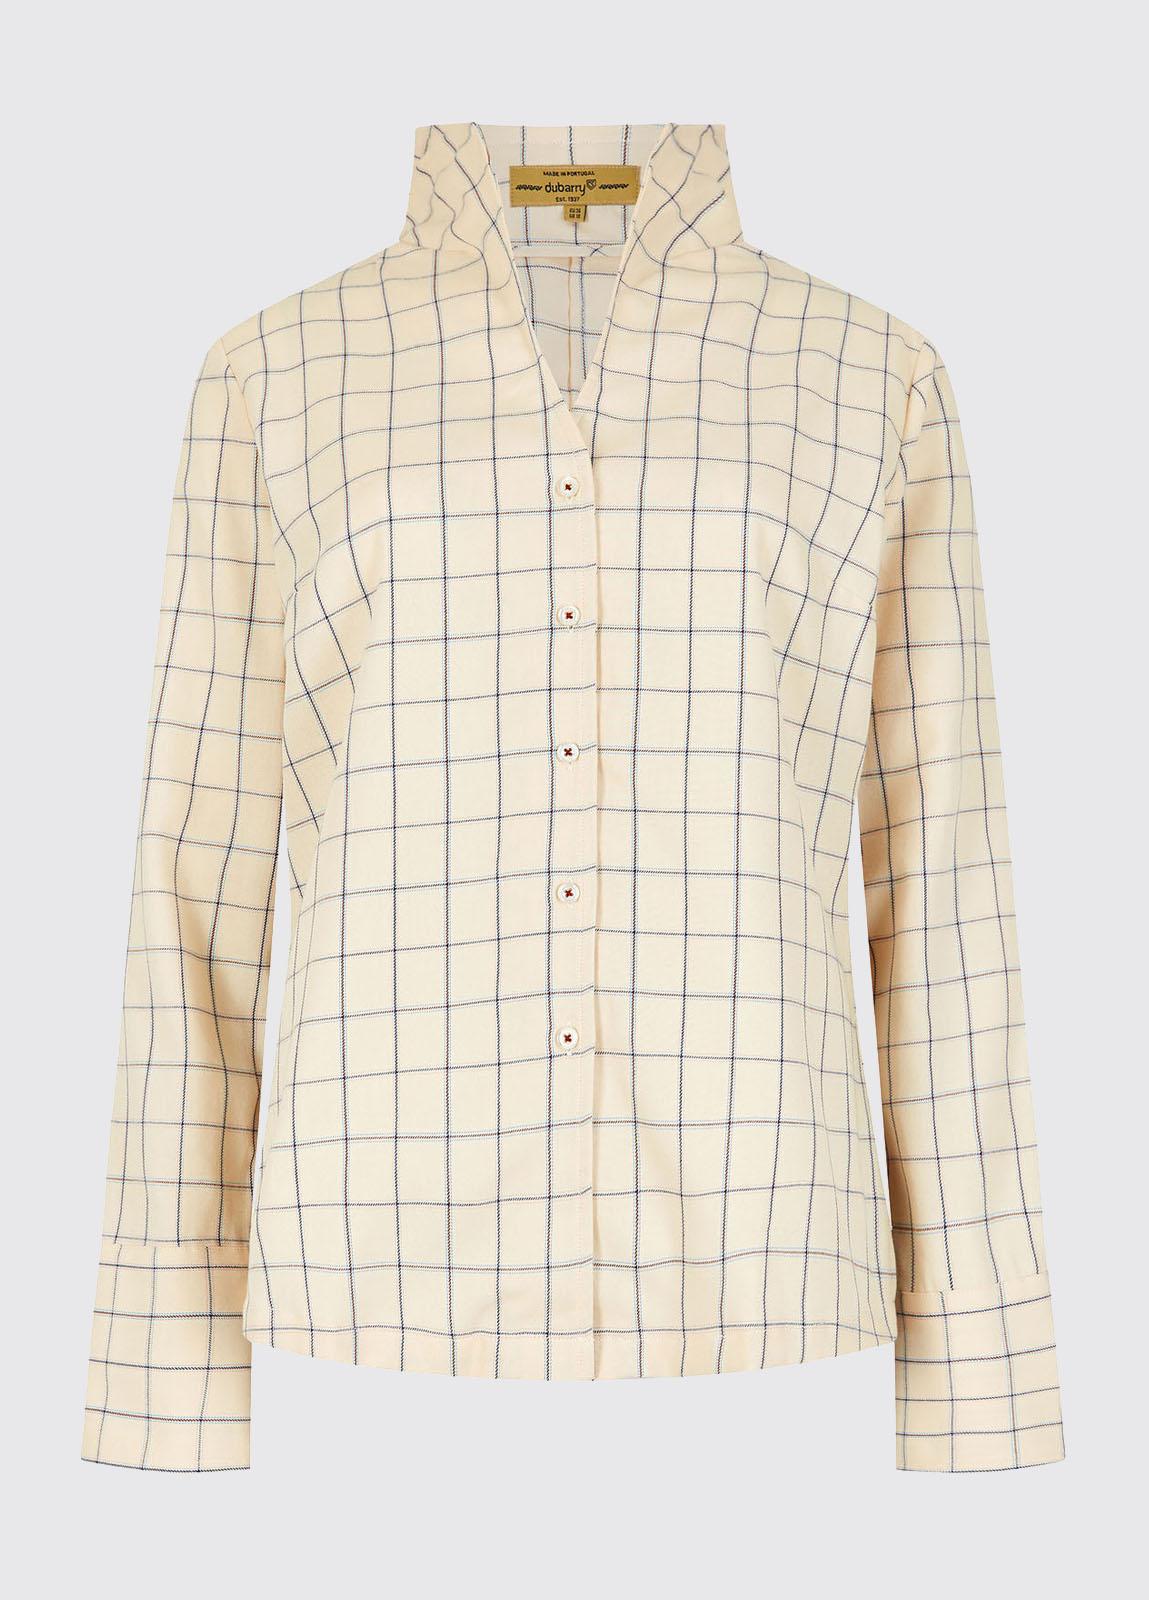 Huckleberry Shirt - Russet